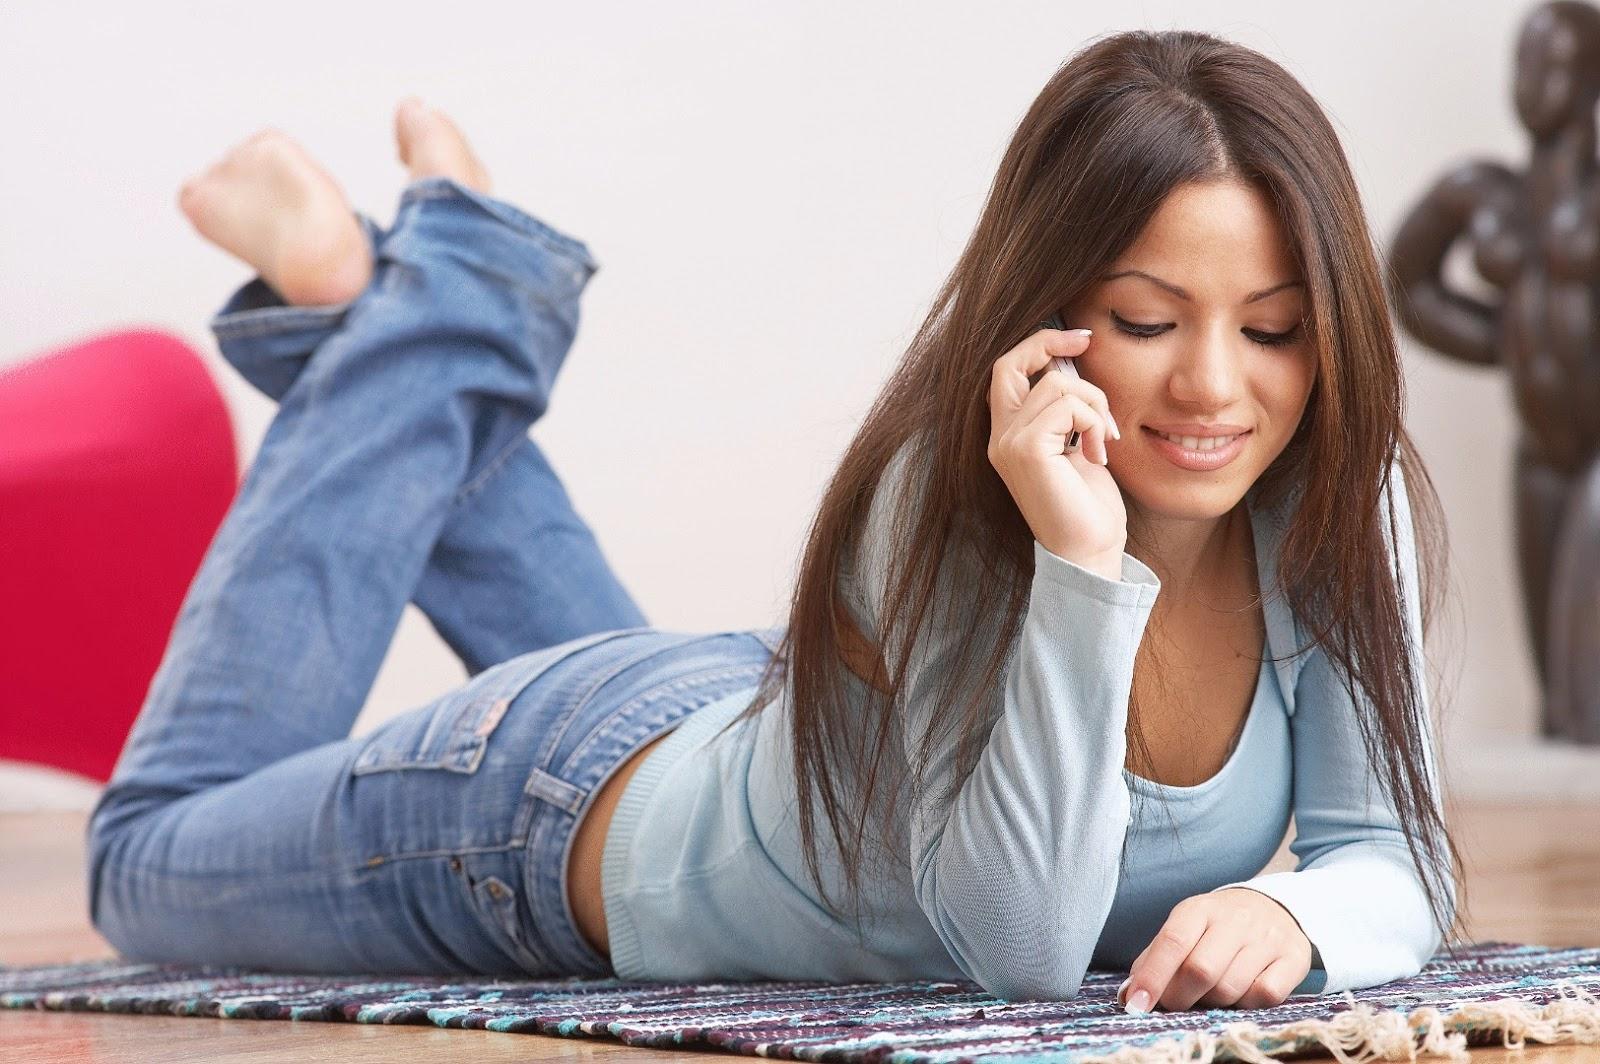 صوره كيف تتكلم مع فتاه في الهاتف , حيل واسرار وافكار للتعامل مع البنات